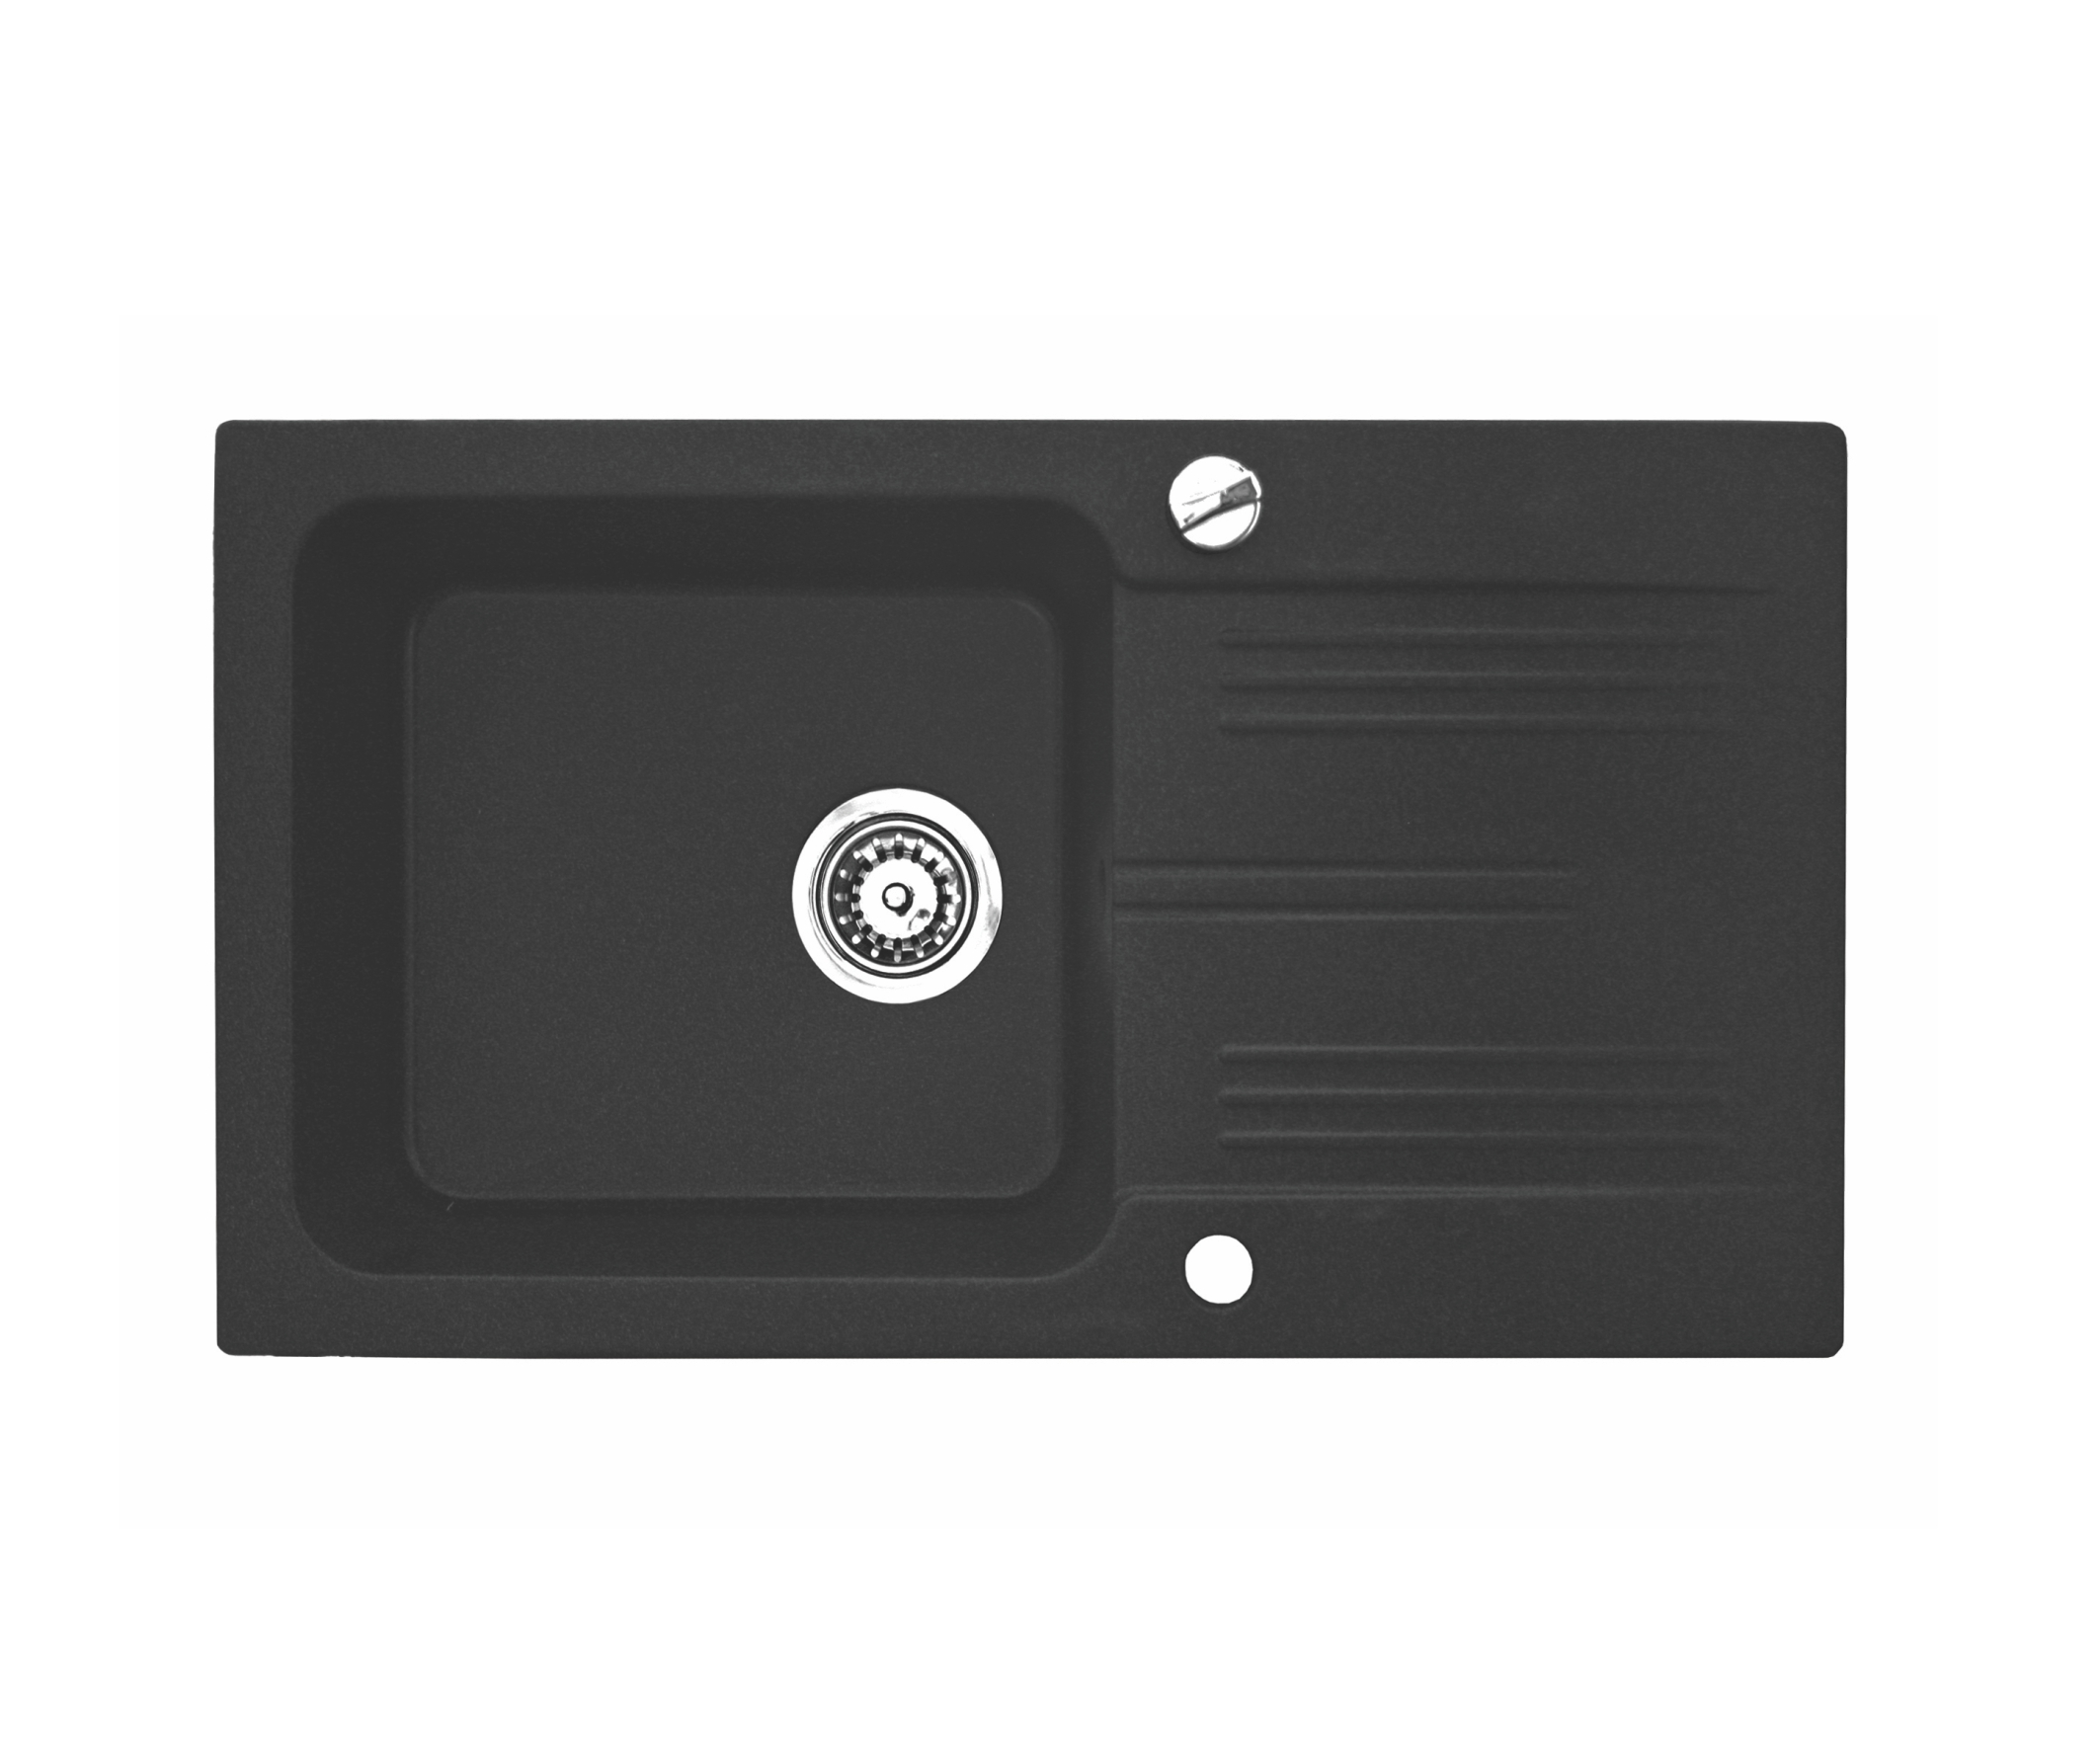 Chiuveta Bucatarie Granit Compozit Cuva Picurator Negru Chiuvete Ilustratie